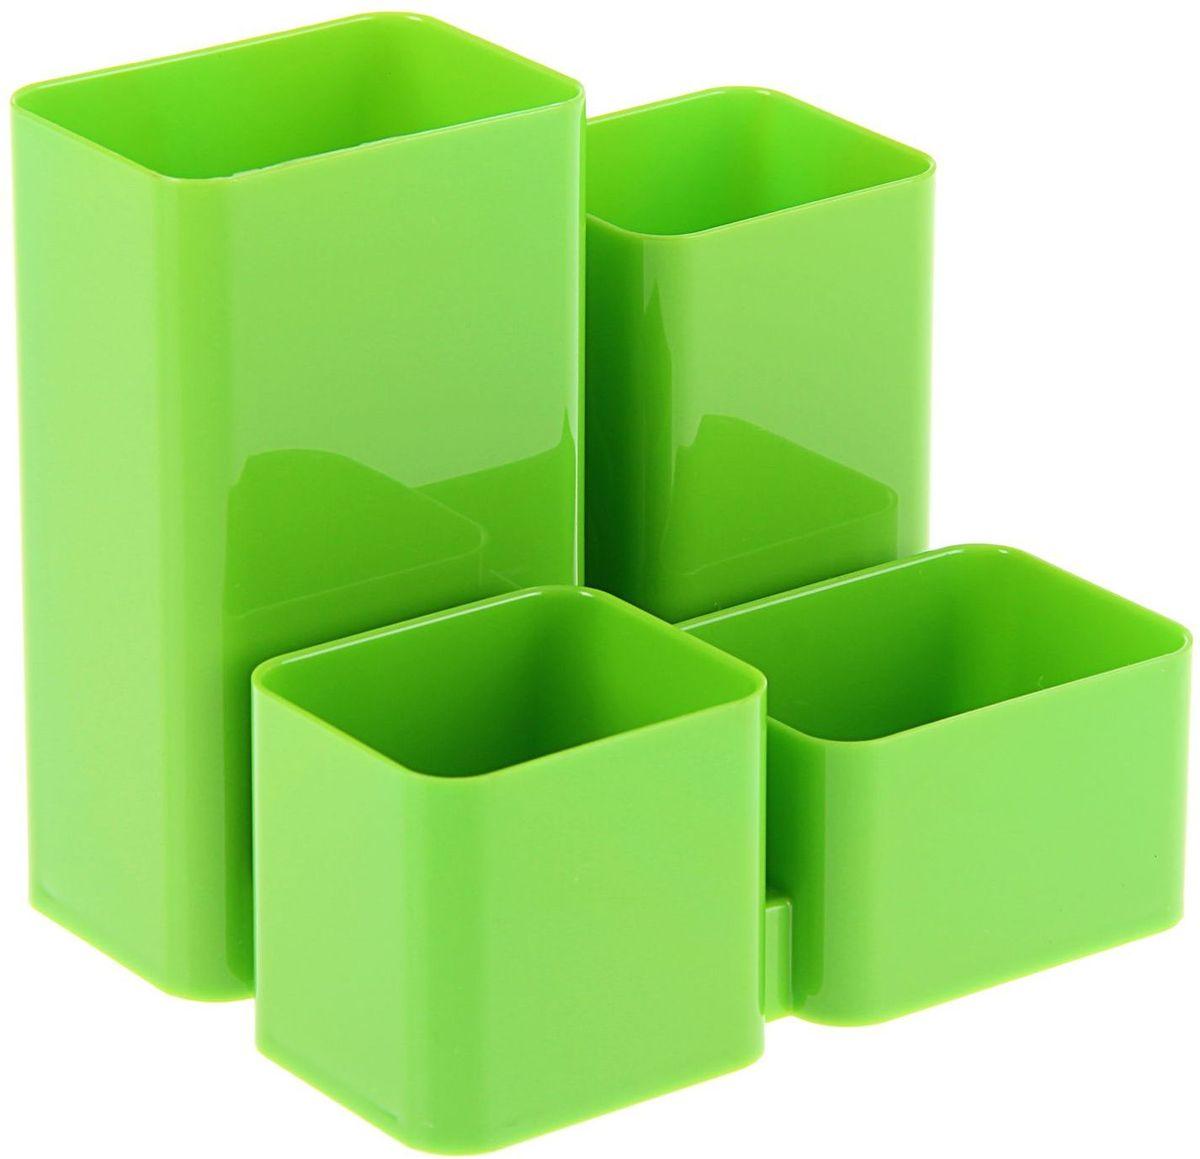 Стамм Органайзер настольный Юниор цвет зеленый2010440Органайзер Юниор зеленый KIWI ОР310 – простая и практичная вещь. Он очень быстро станет незаменимым жителем на рабочем столе. Множество отделений вместят в себя все самое необходимое, сэкономив тем самым ваше время, пространство на столе и деньги.